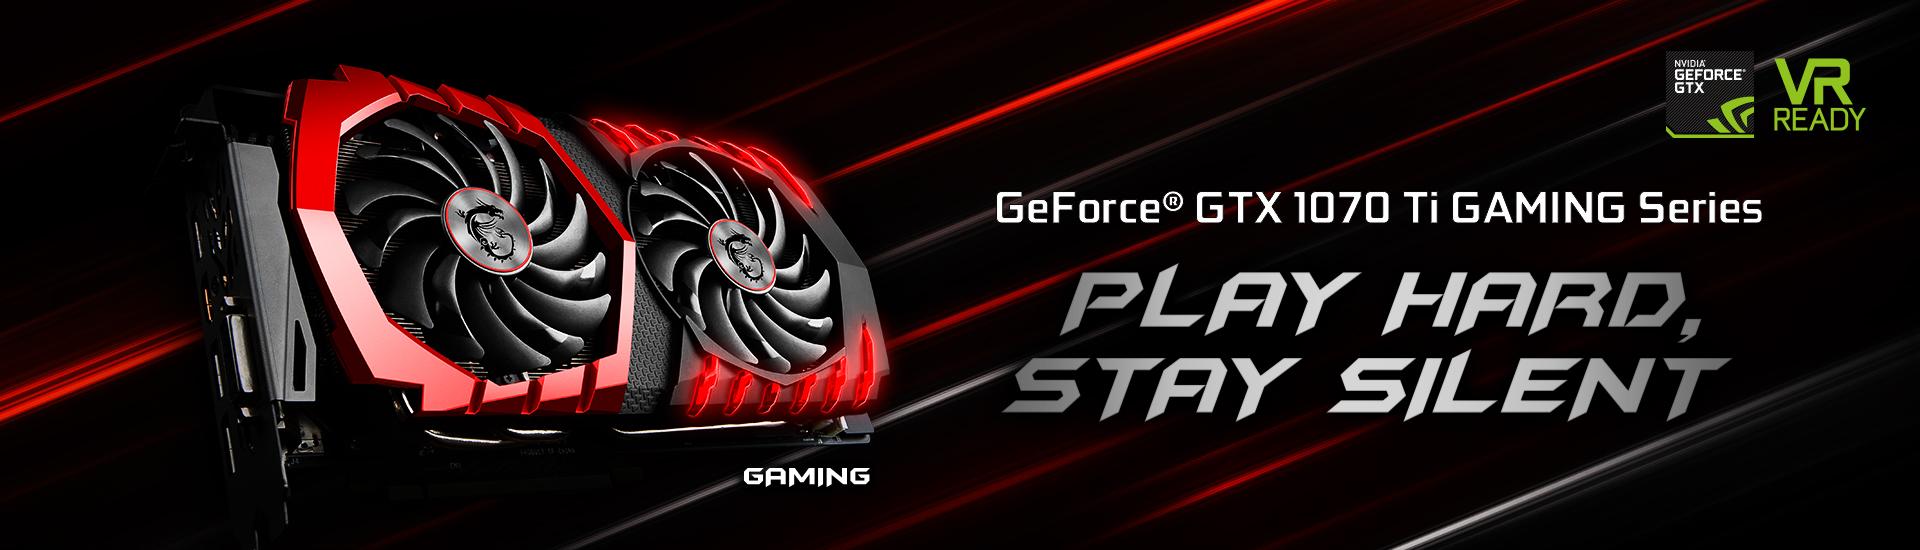 GeForce GTX 1070 Ti GAMING